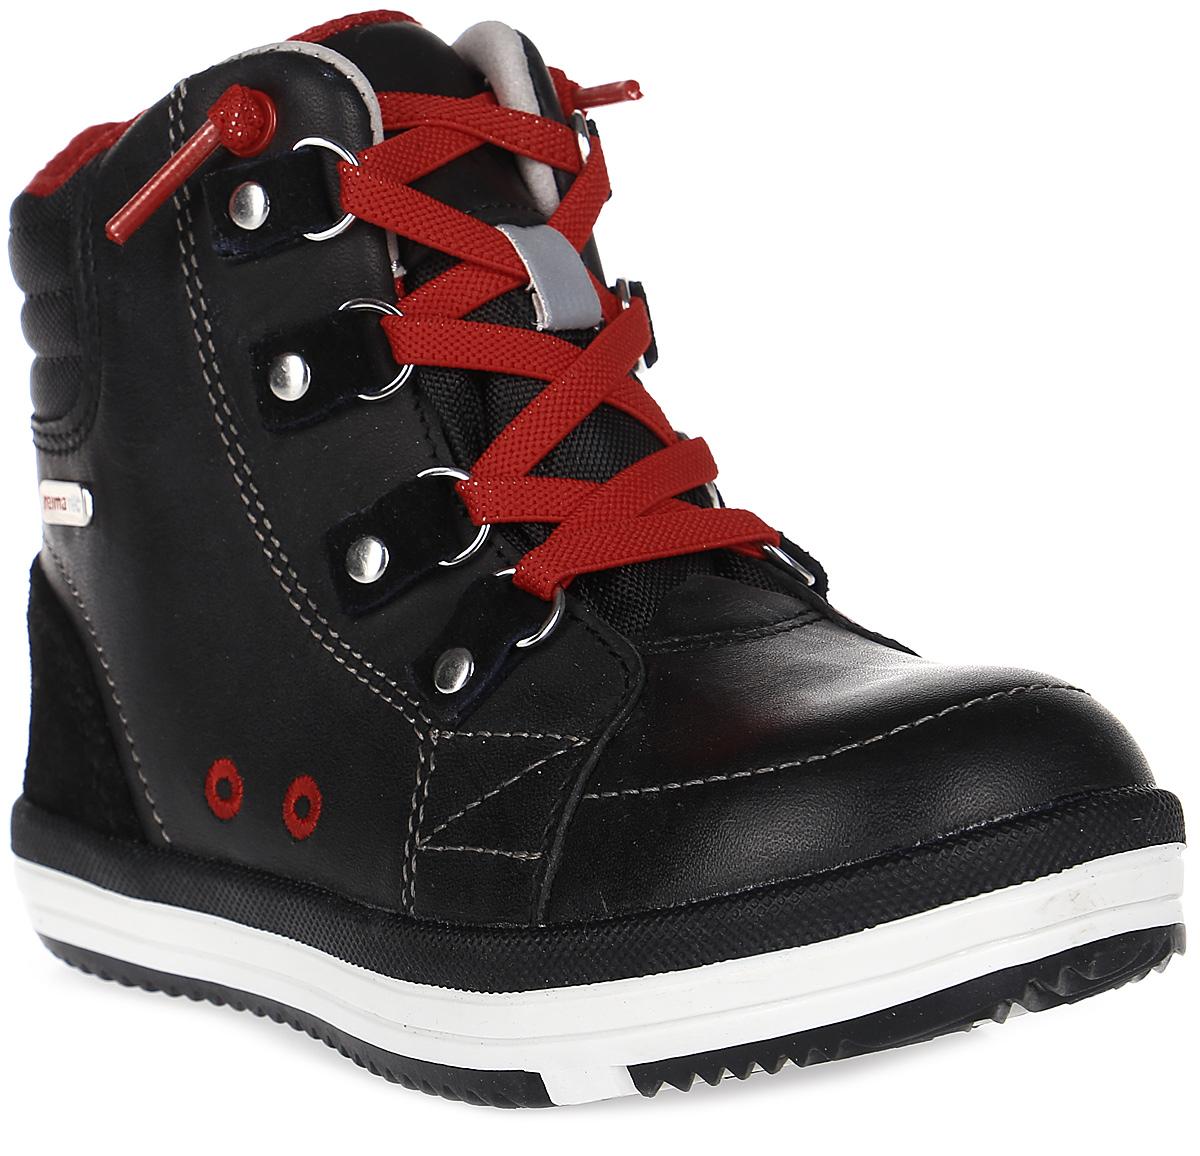 Ботинки детские Reima Weather, цвет: черный. 5693189990. Размер 345693189990Теплые и непромокаемые детские ботинки изготовлены из стильной кожи и текстиля. Водонепроницаемая мембрана и текстильная подкладка согреют ножки и защитят их от влаги. Вы легко выберите нужный размер с помощью съемных стелек с рисунком Happy Fit.Благодаря эластичным шнуркам эти стильные ботинки легко и быстро надеваются! Подошва из термопластичной резины Reima обеспечивает отличное сцепление с поверхностью.Удобные и дышащие демисезонные ботинки, которые подойдут и для игр во дворе, и для прогулки в парке или по городу!